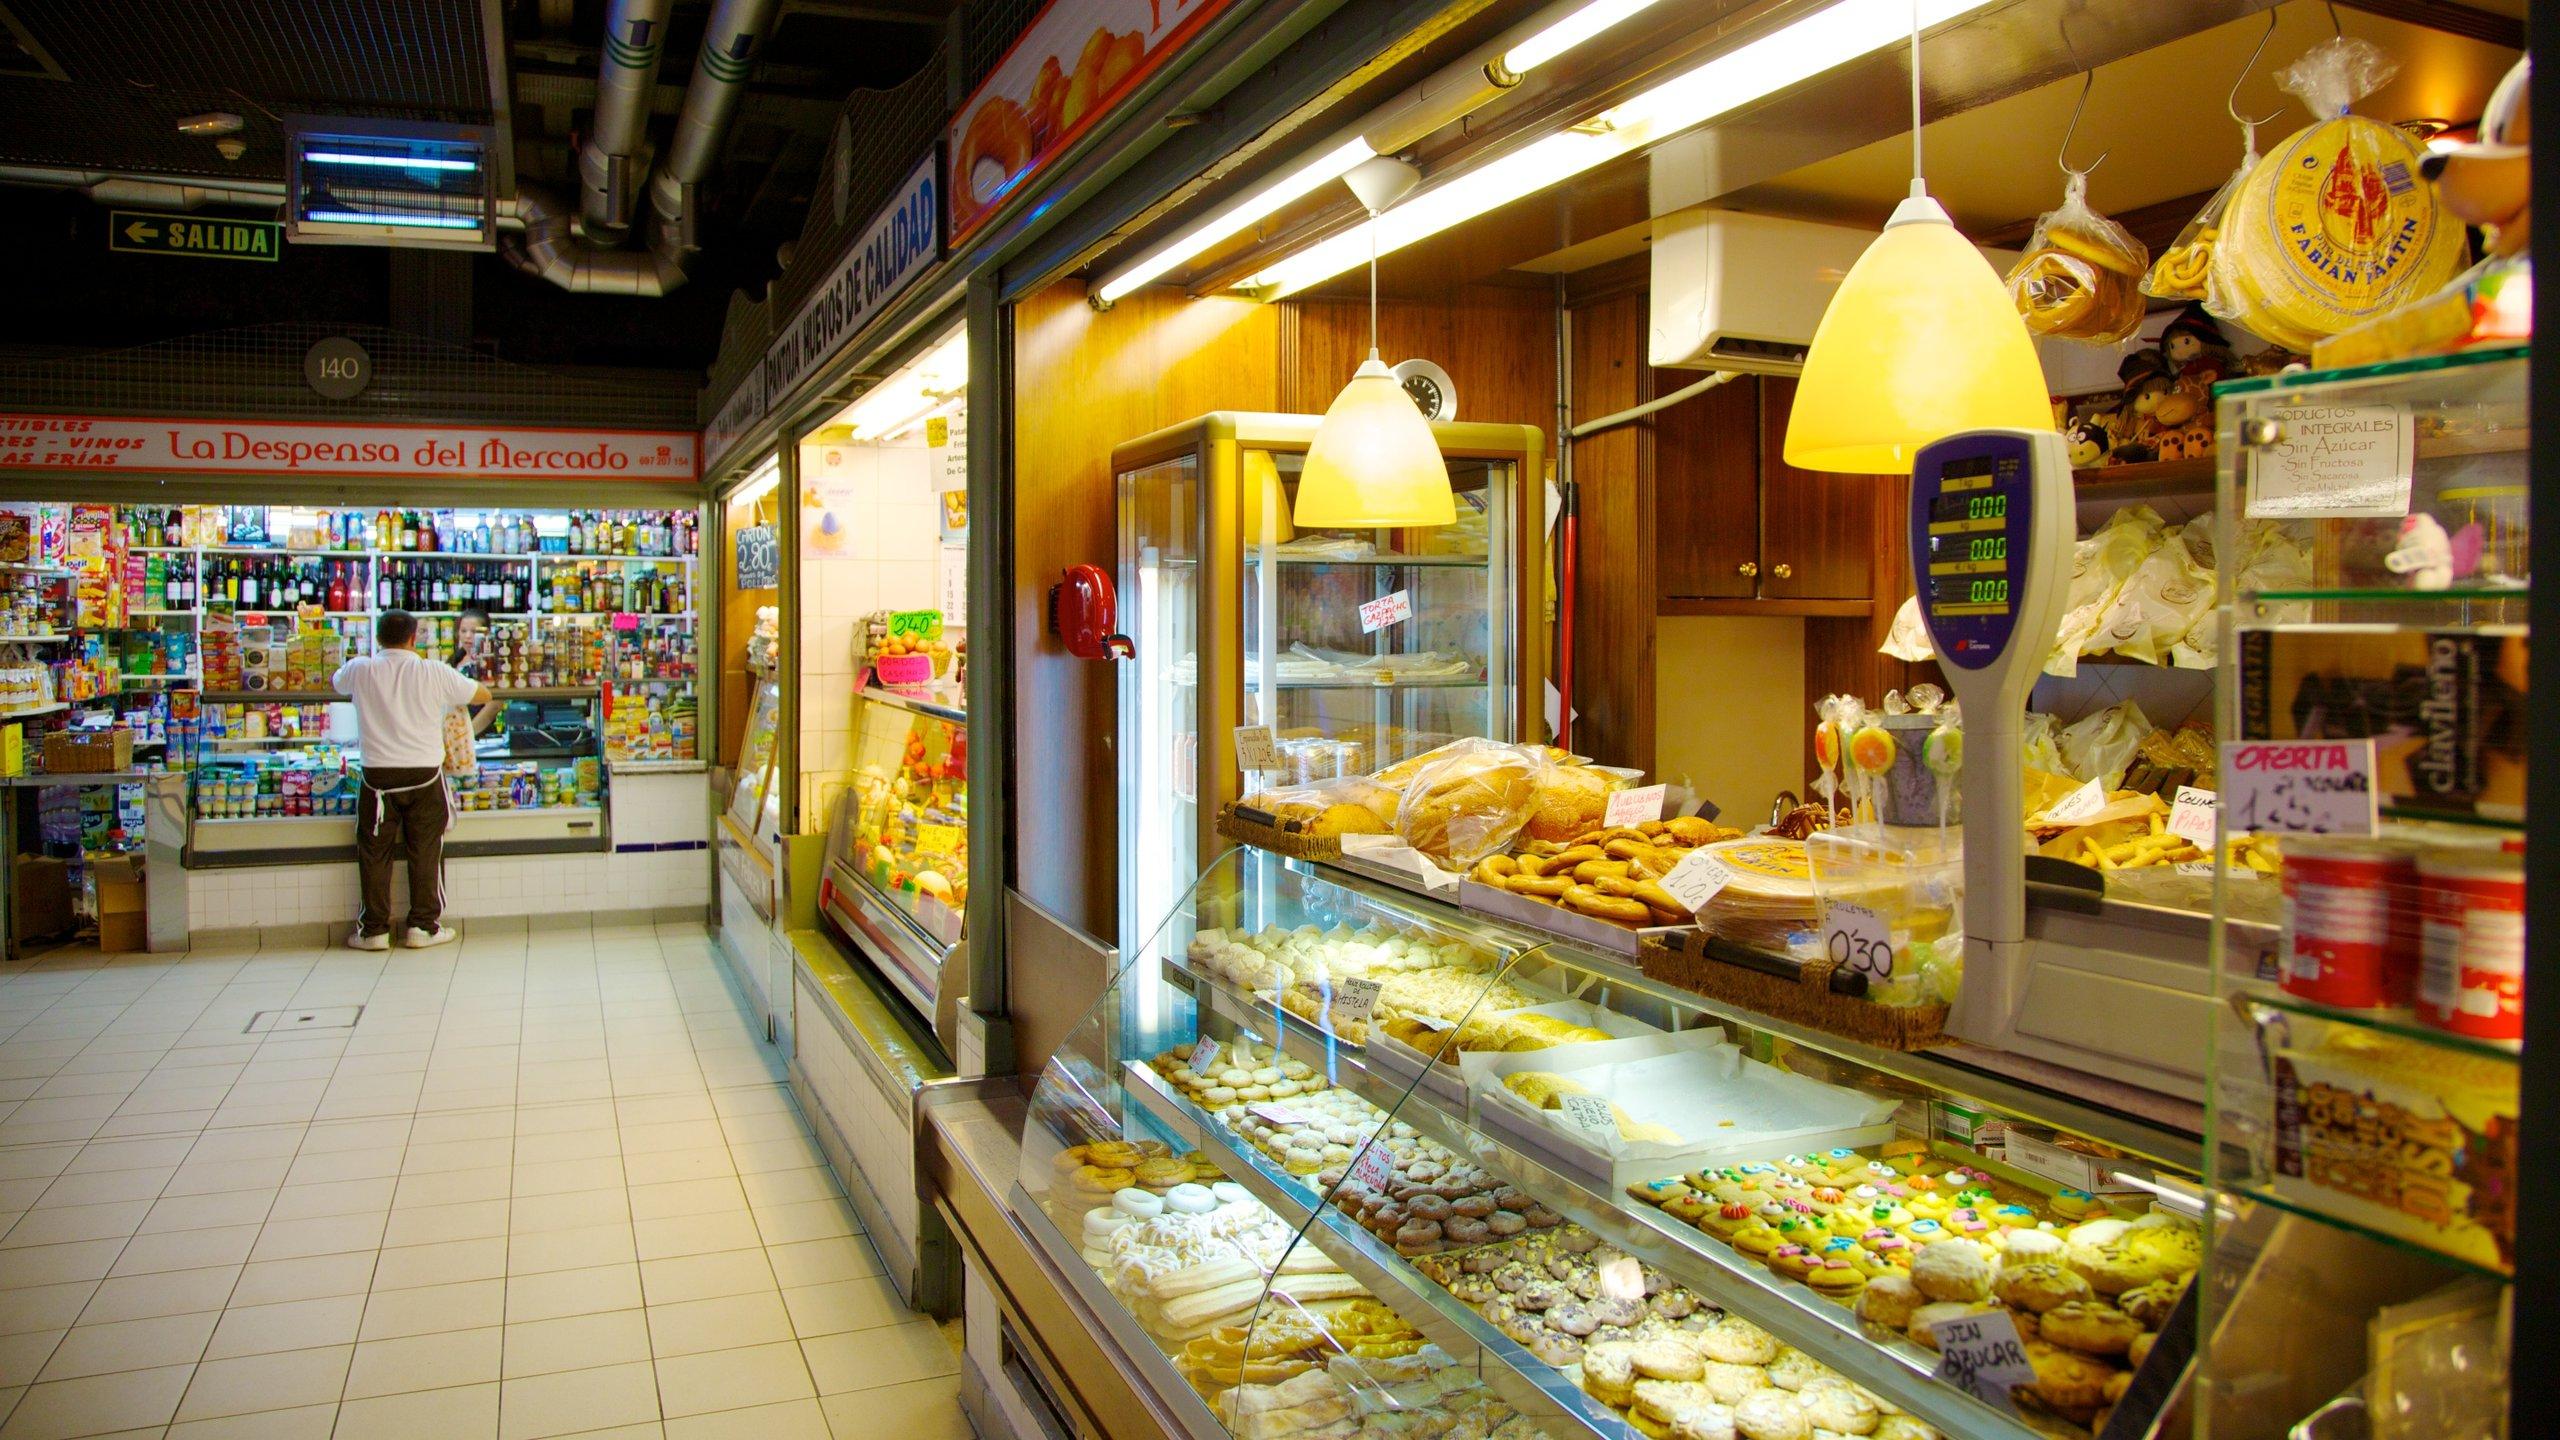 51128 Central Market - Roteiro em Alicante: descubra os principais pontos turísticos da cidade